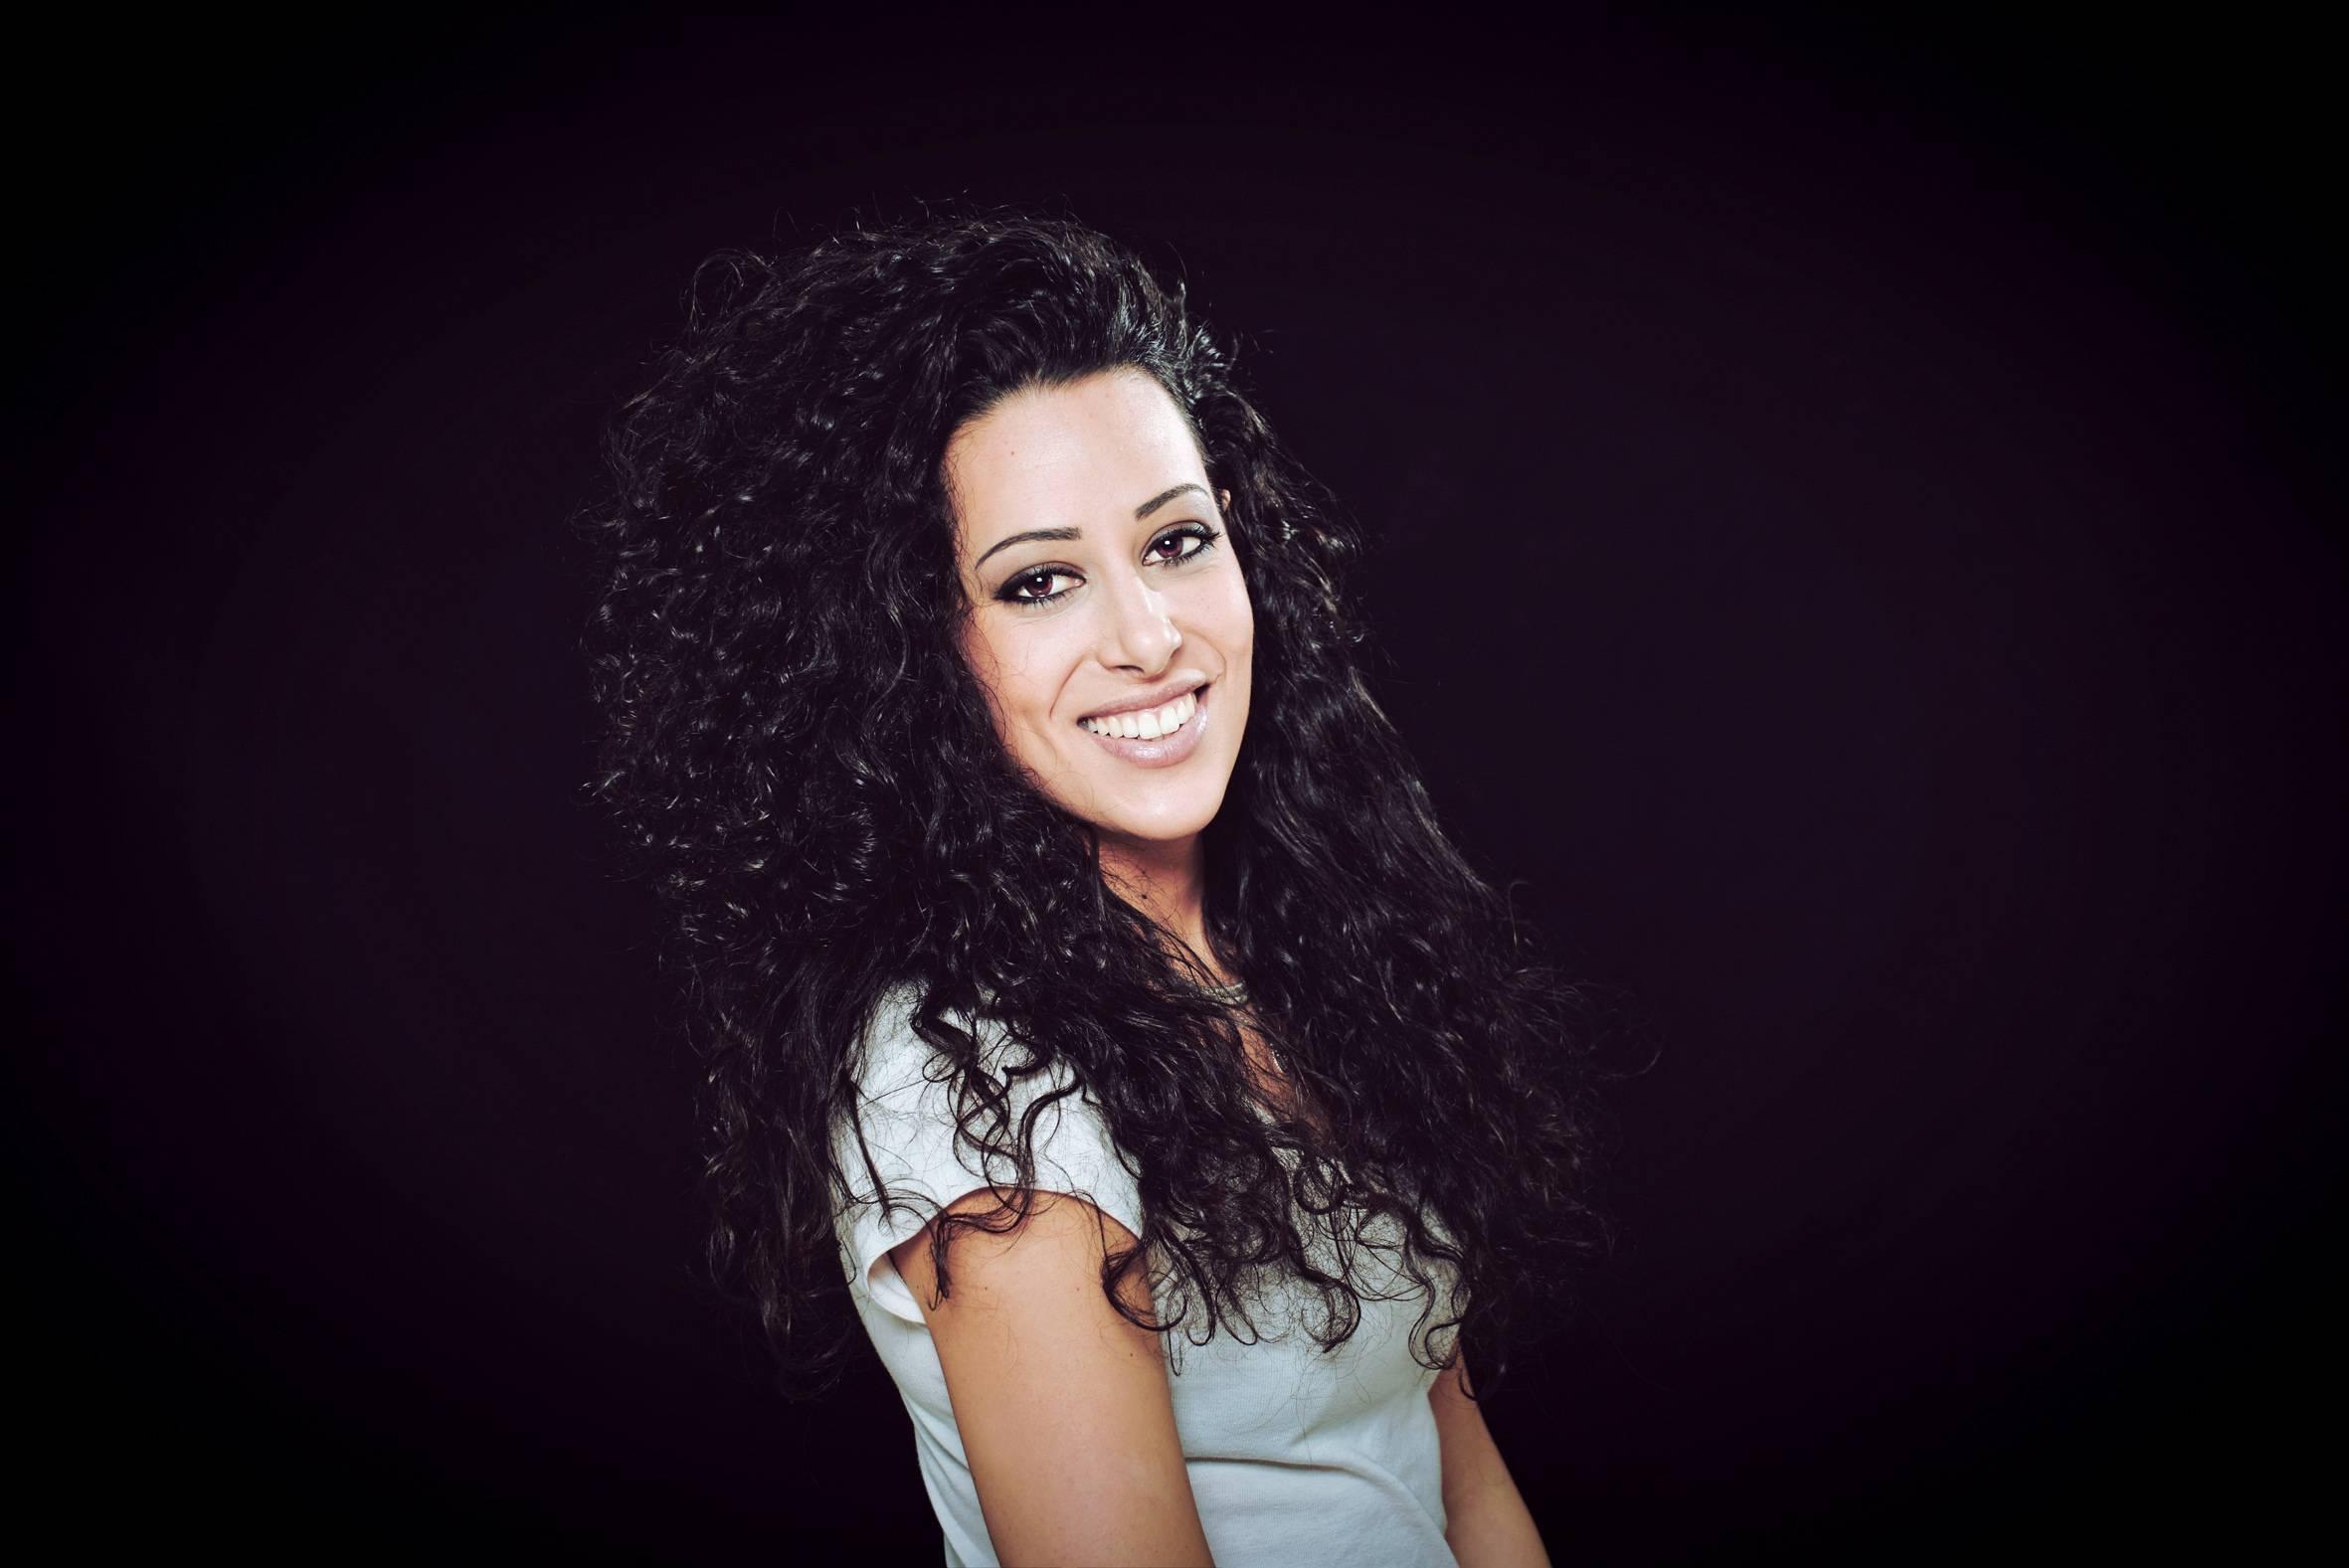 Intervista a Mara Bosisio - Photo Credit: Latlantide